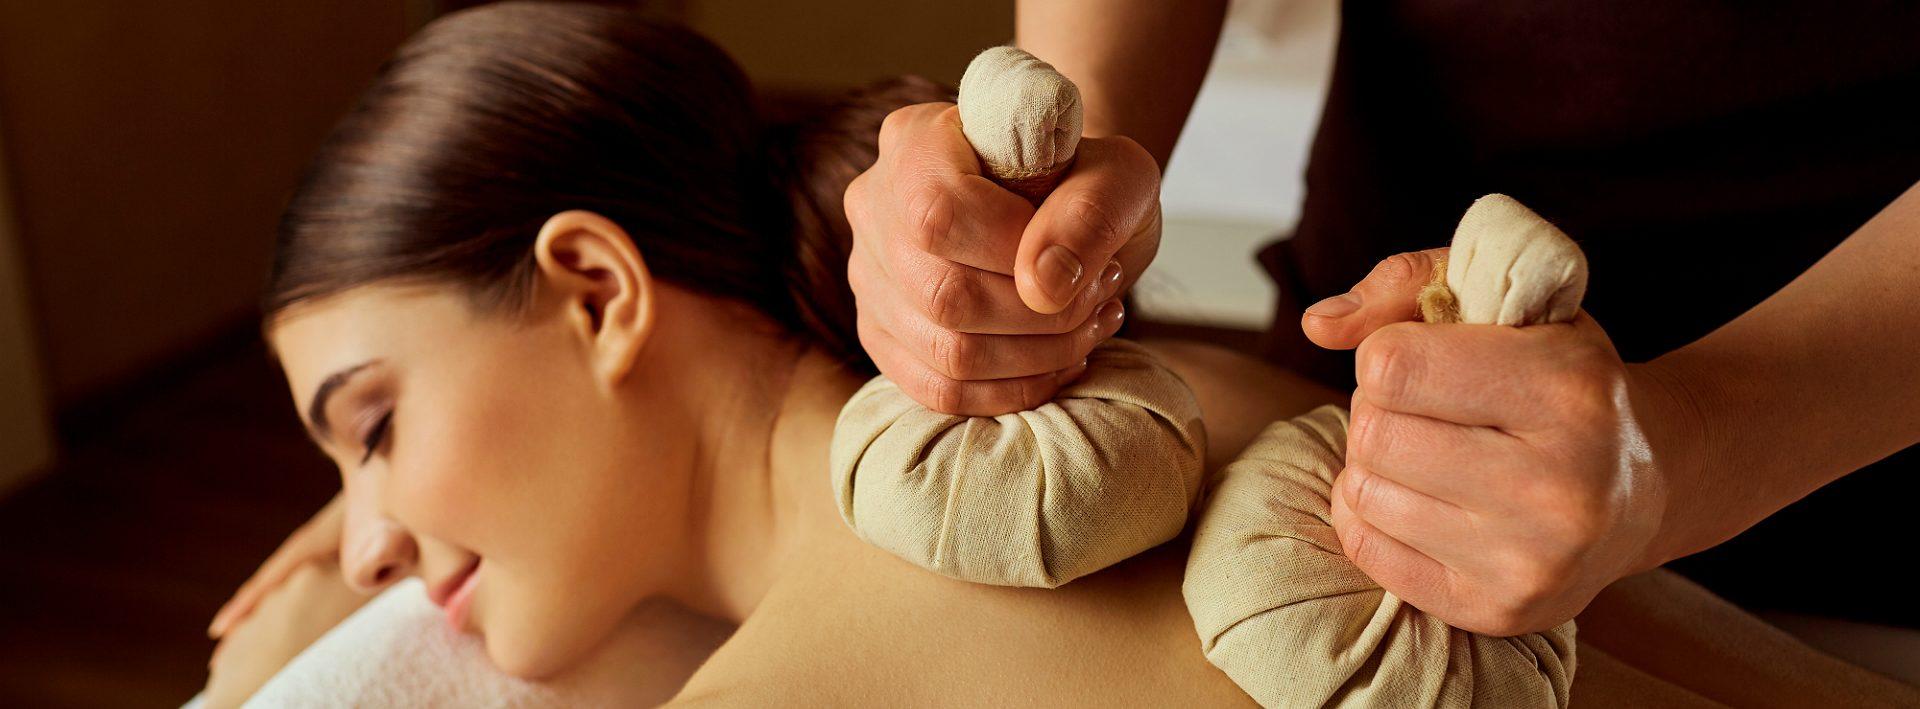 Salon masażu i odnowy biologicznej 2 - www.mindful.org.pl